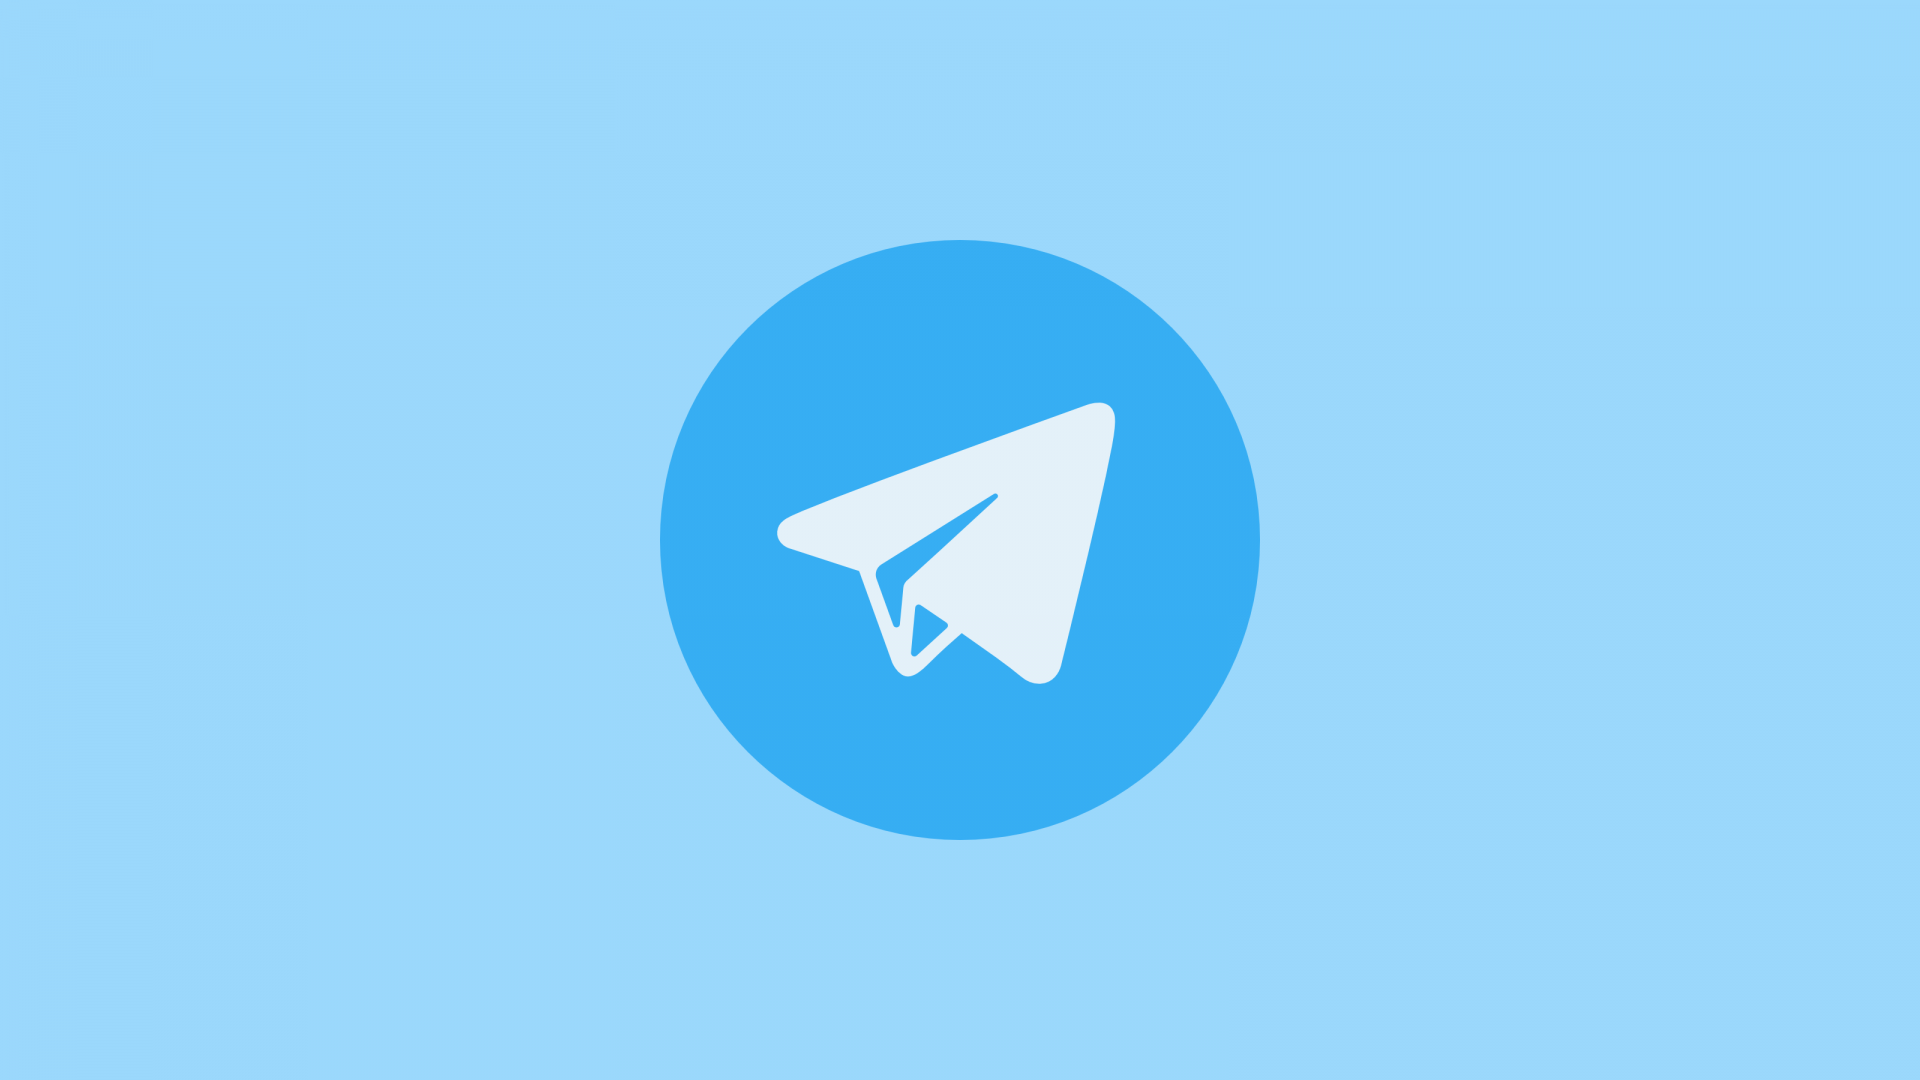 В Telegram появятся платные инструменты для бизнеса